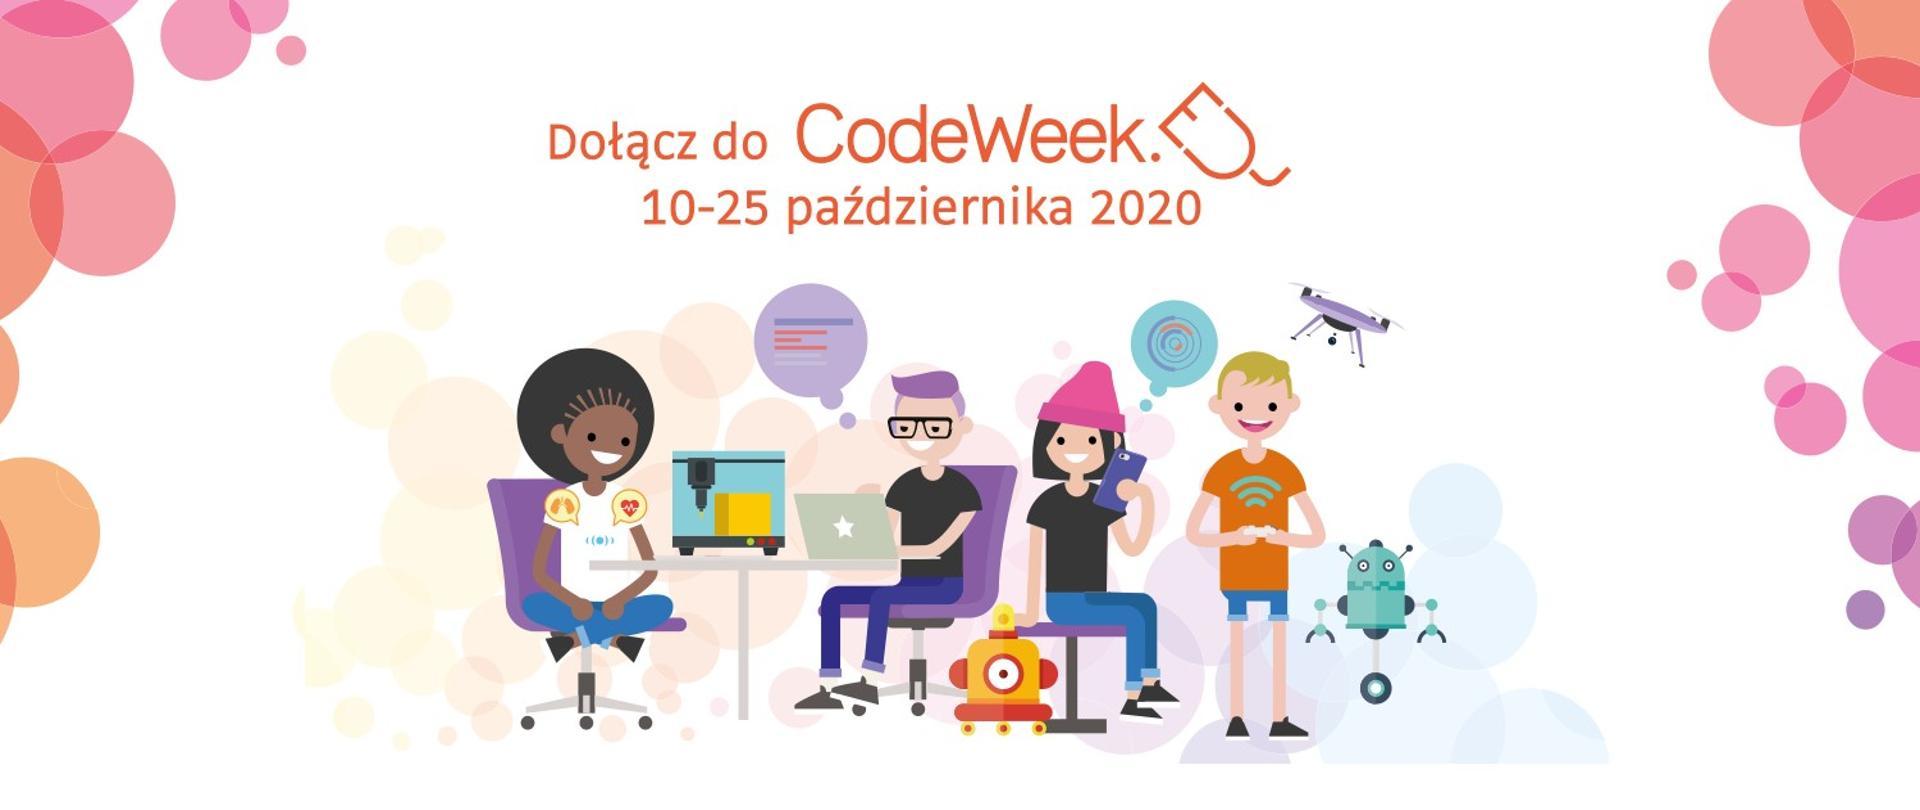 """Napis """"Dołącz do CodeWeek 10-25 października 2020"""", dzieci i młodzież programując roboty, drona."""